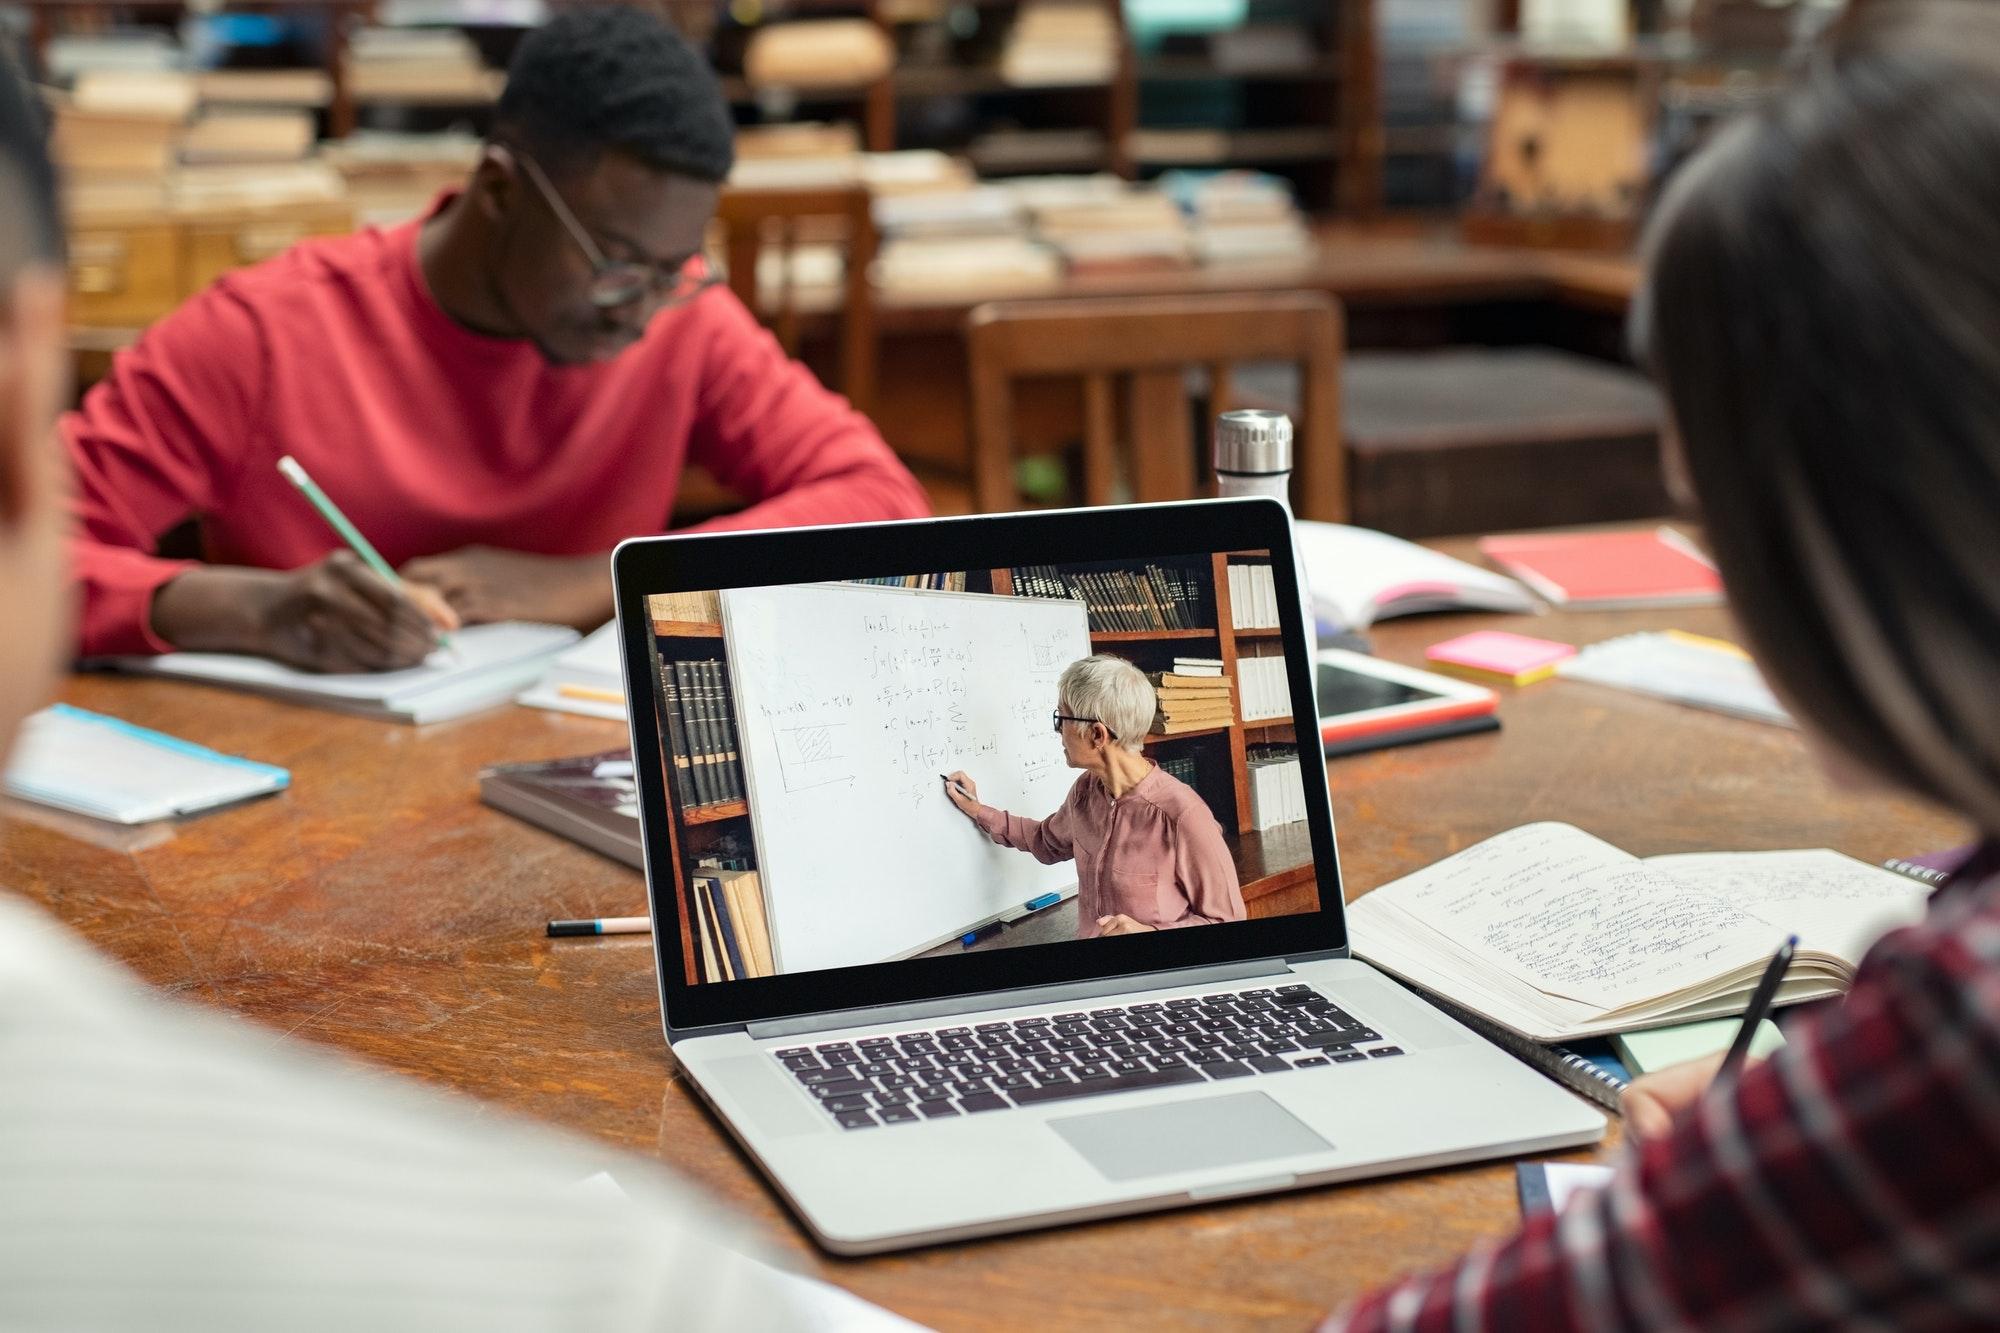 אתגרי החינוך במאה ה-21 | דלית שטאובר